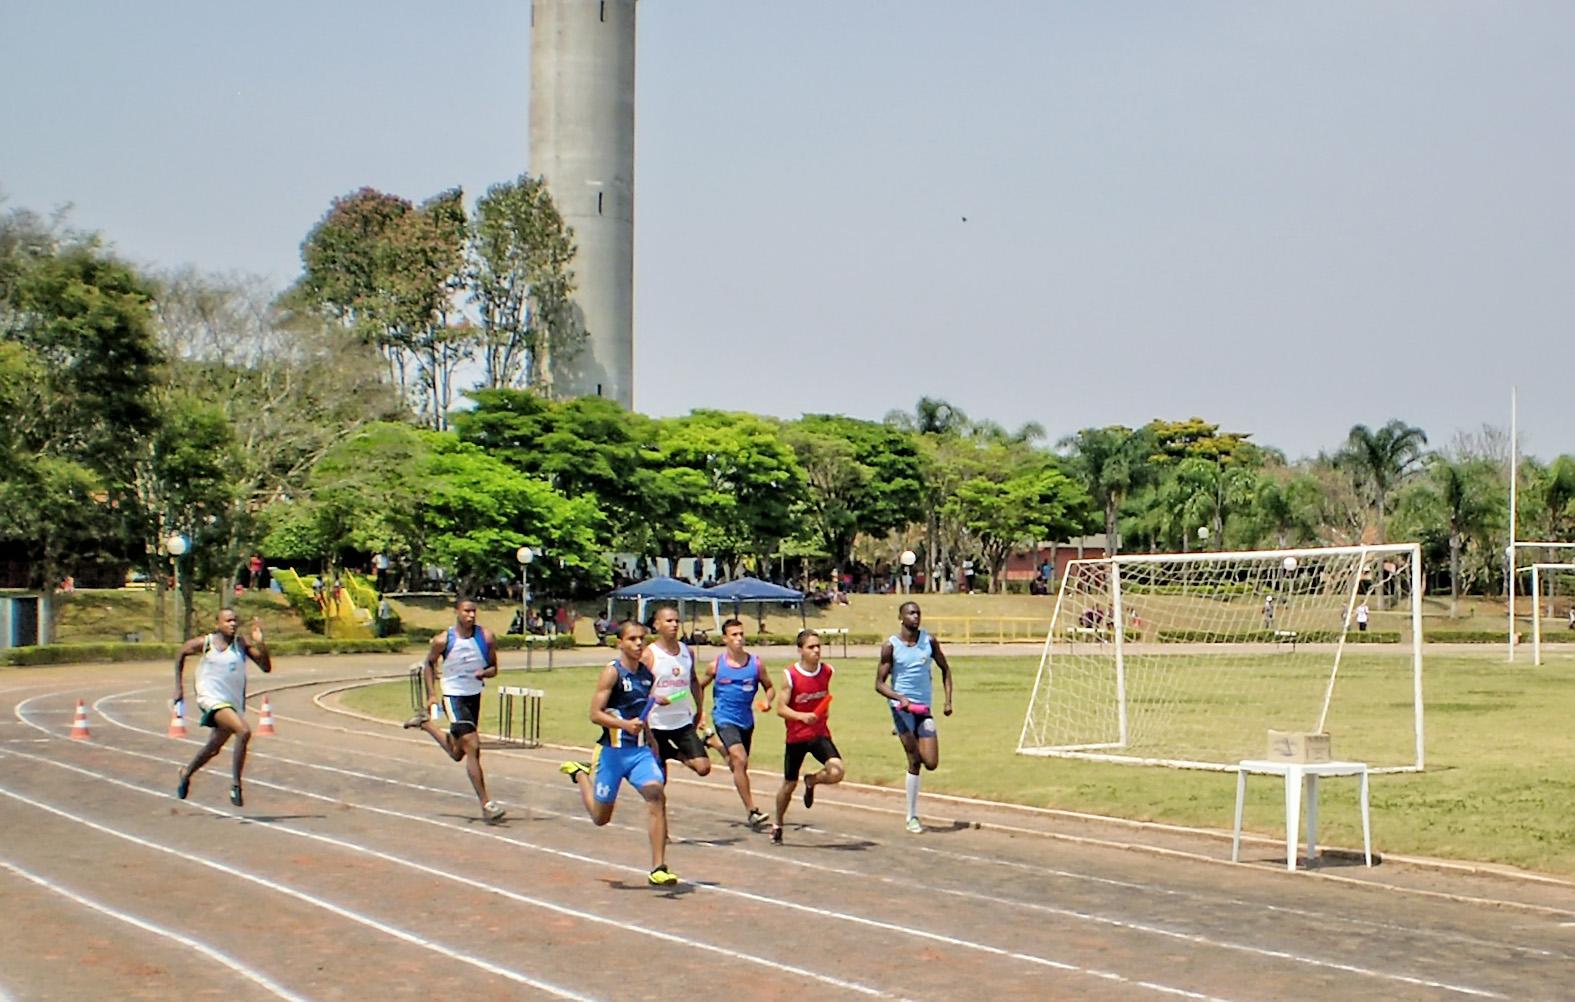 Jovens atletas são foco do projeto que tenta ativar o Fadenp em Guaratinguetá (Foto: Arquivo Atos)